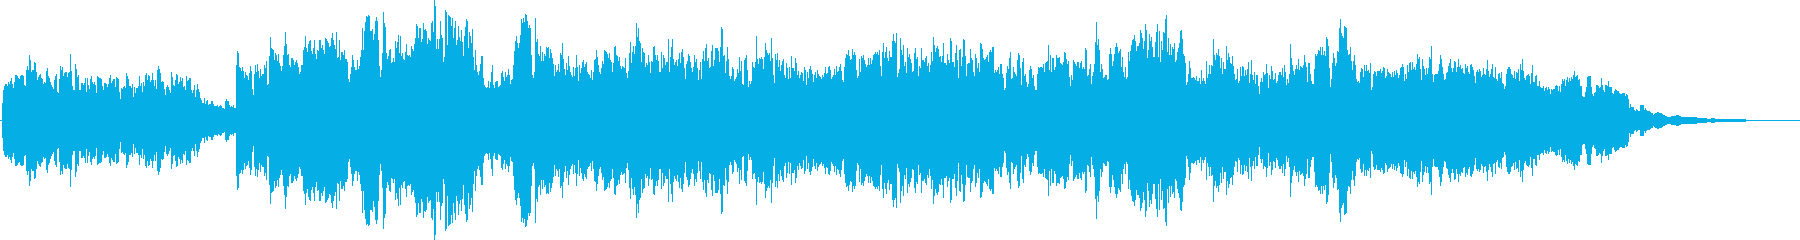 アンビエントとエーテルのアイリッシ...の再生済みの波形